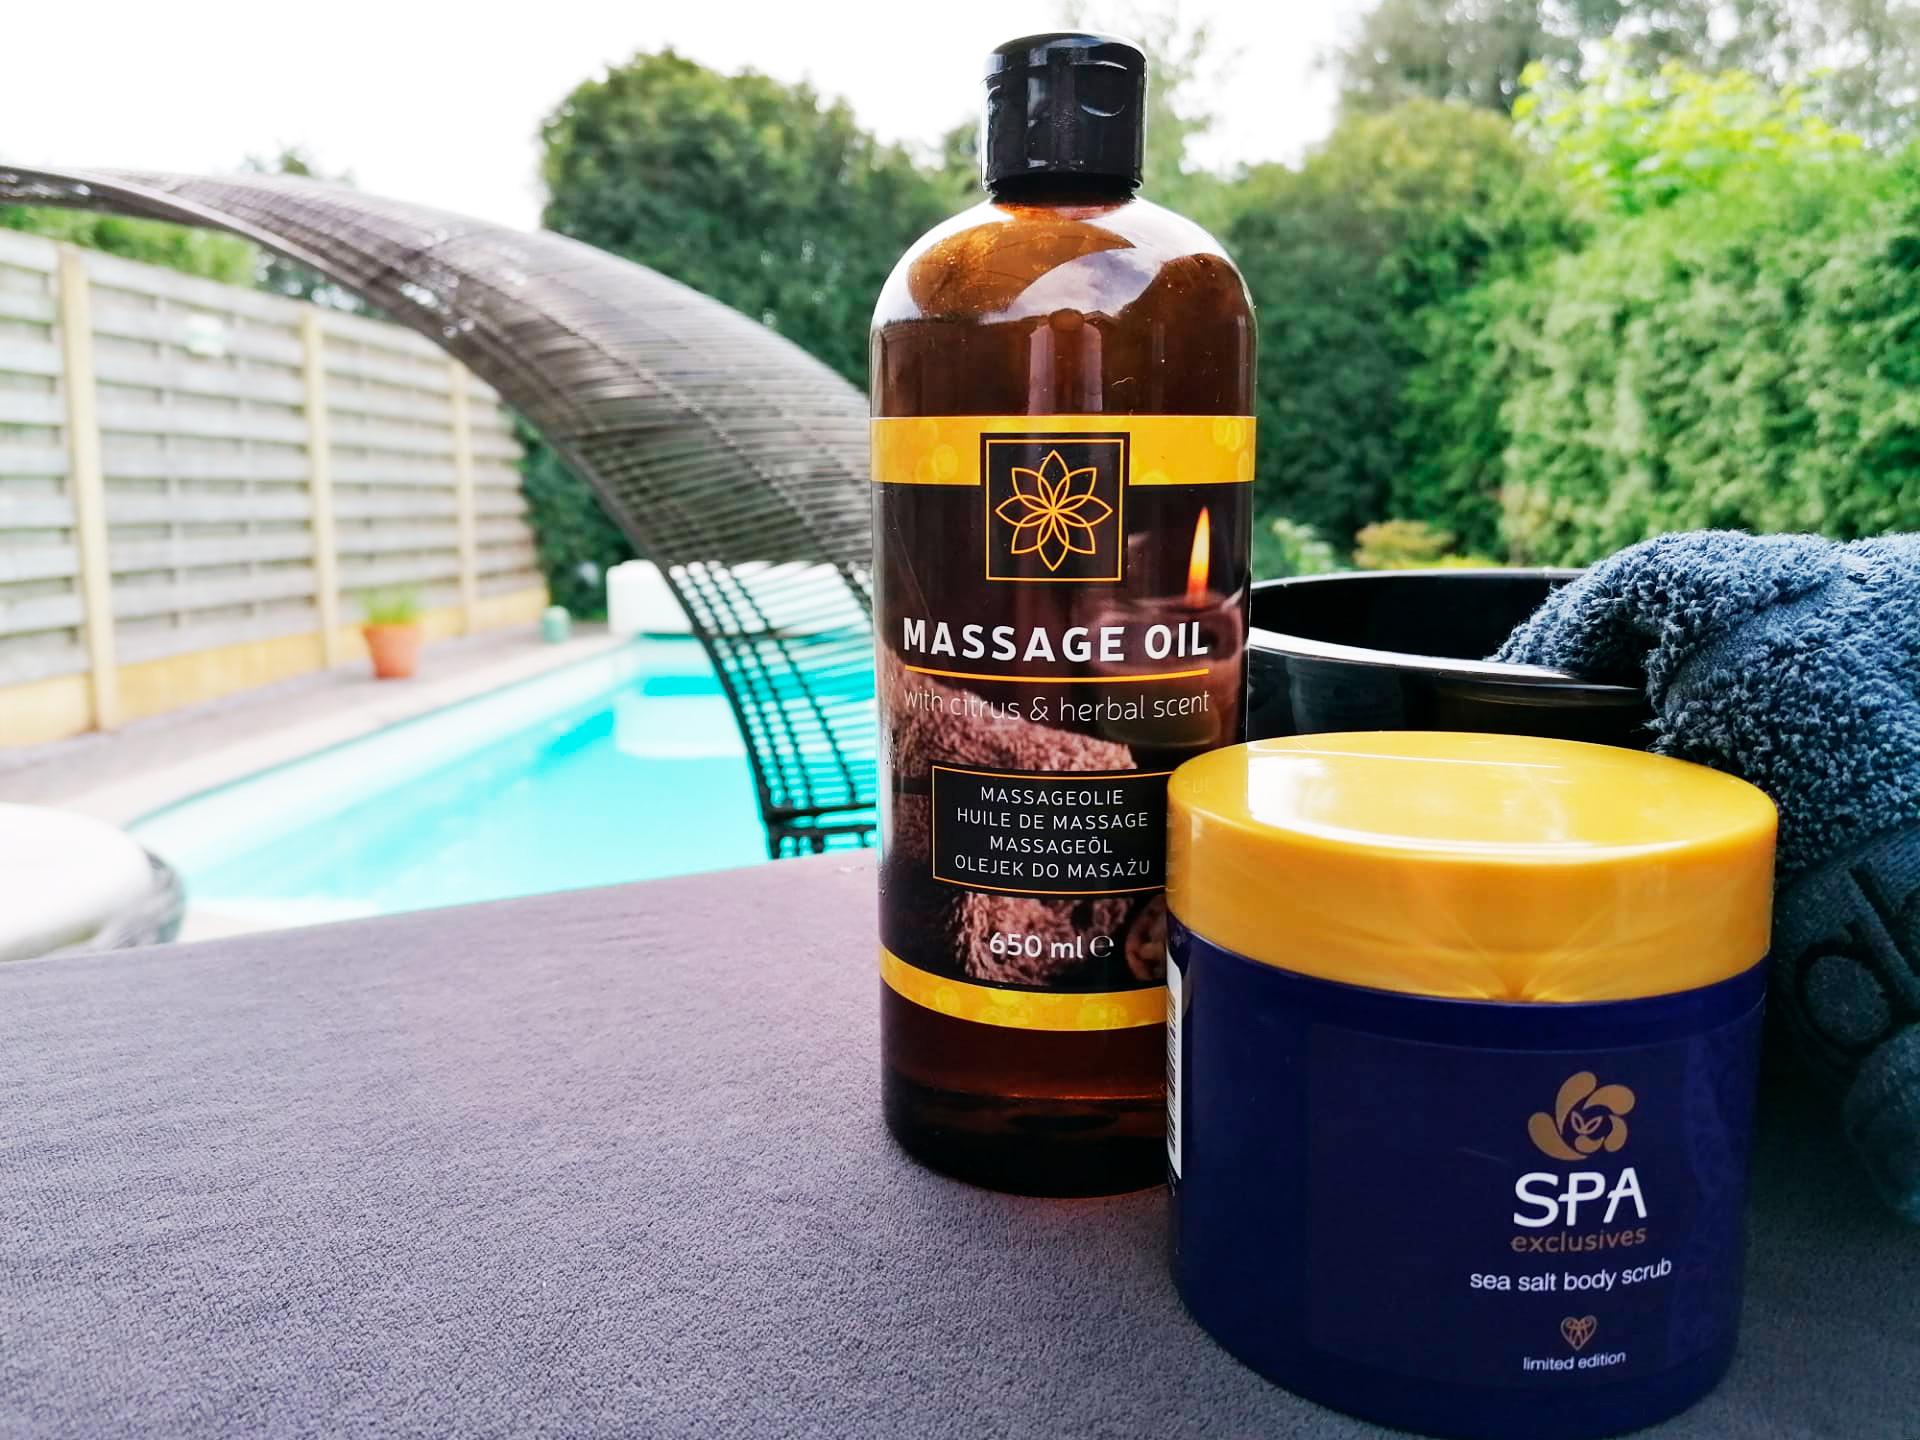 Timtorfs-prive-sauna-massage-olie